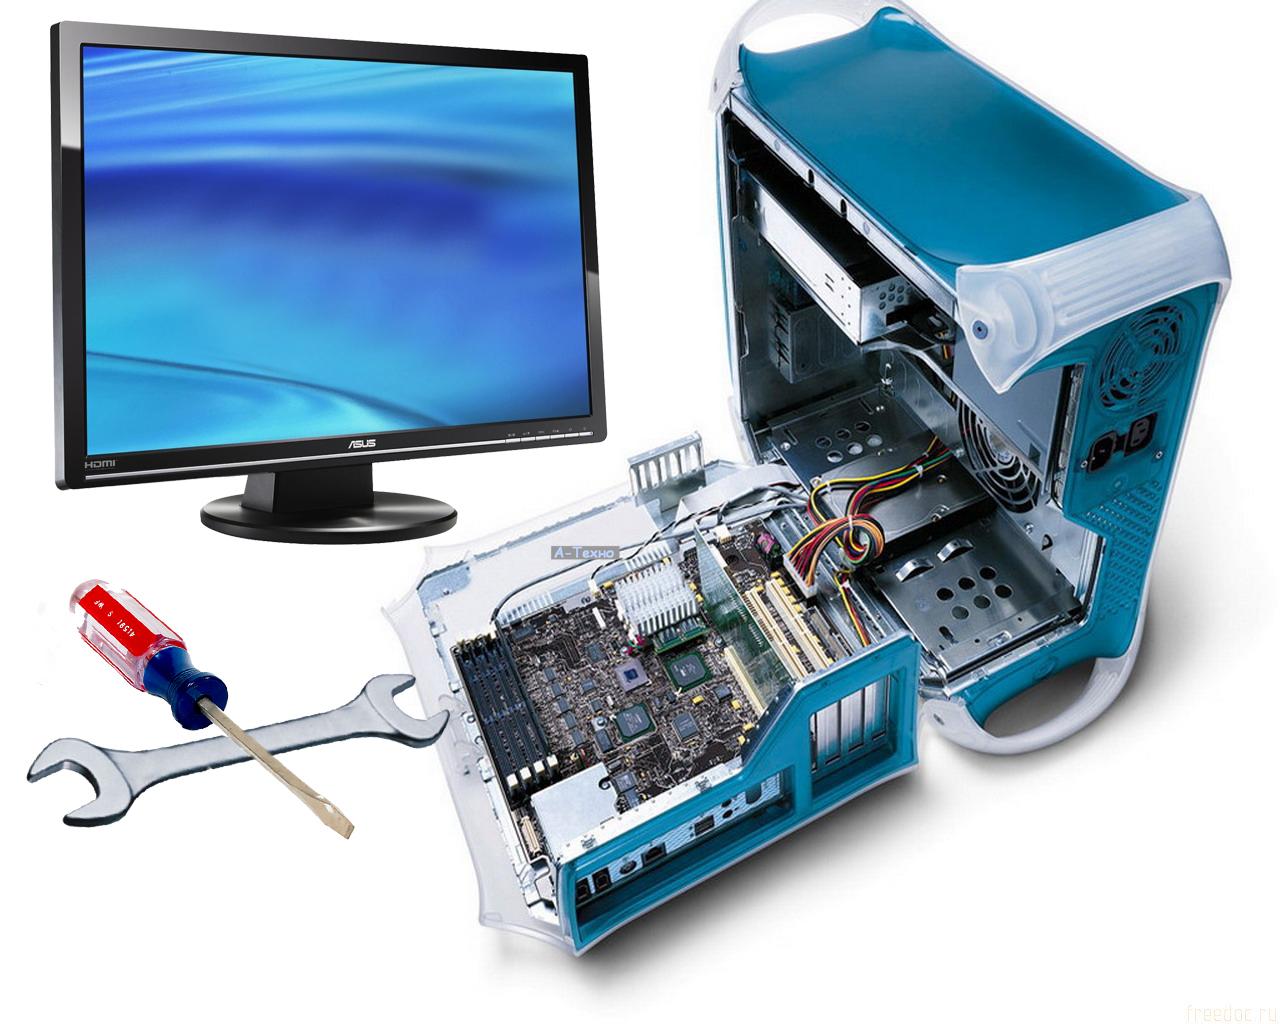 Лучший сервисный центр по ремонту цифровой техники